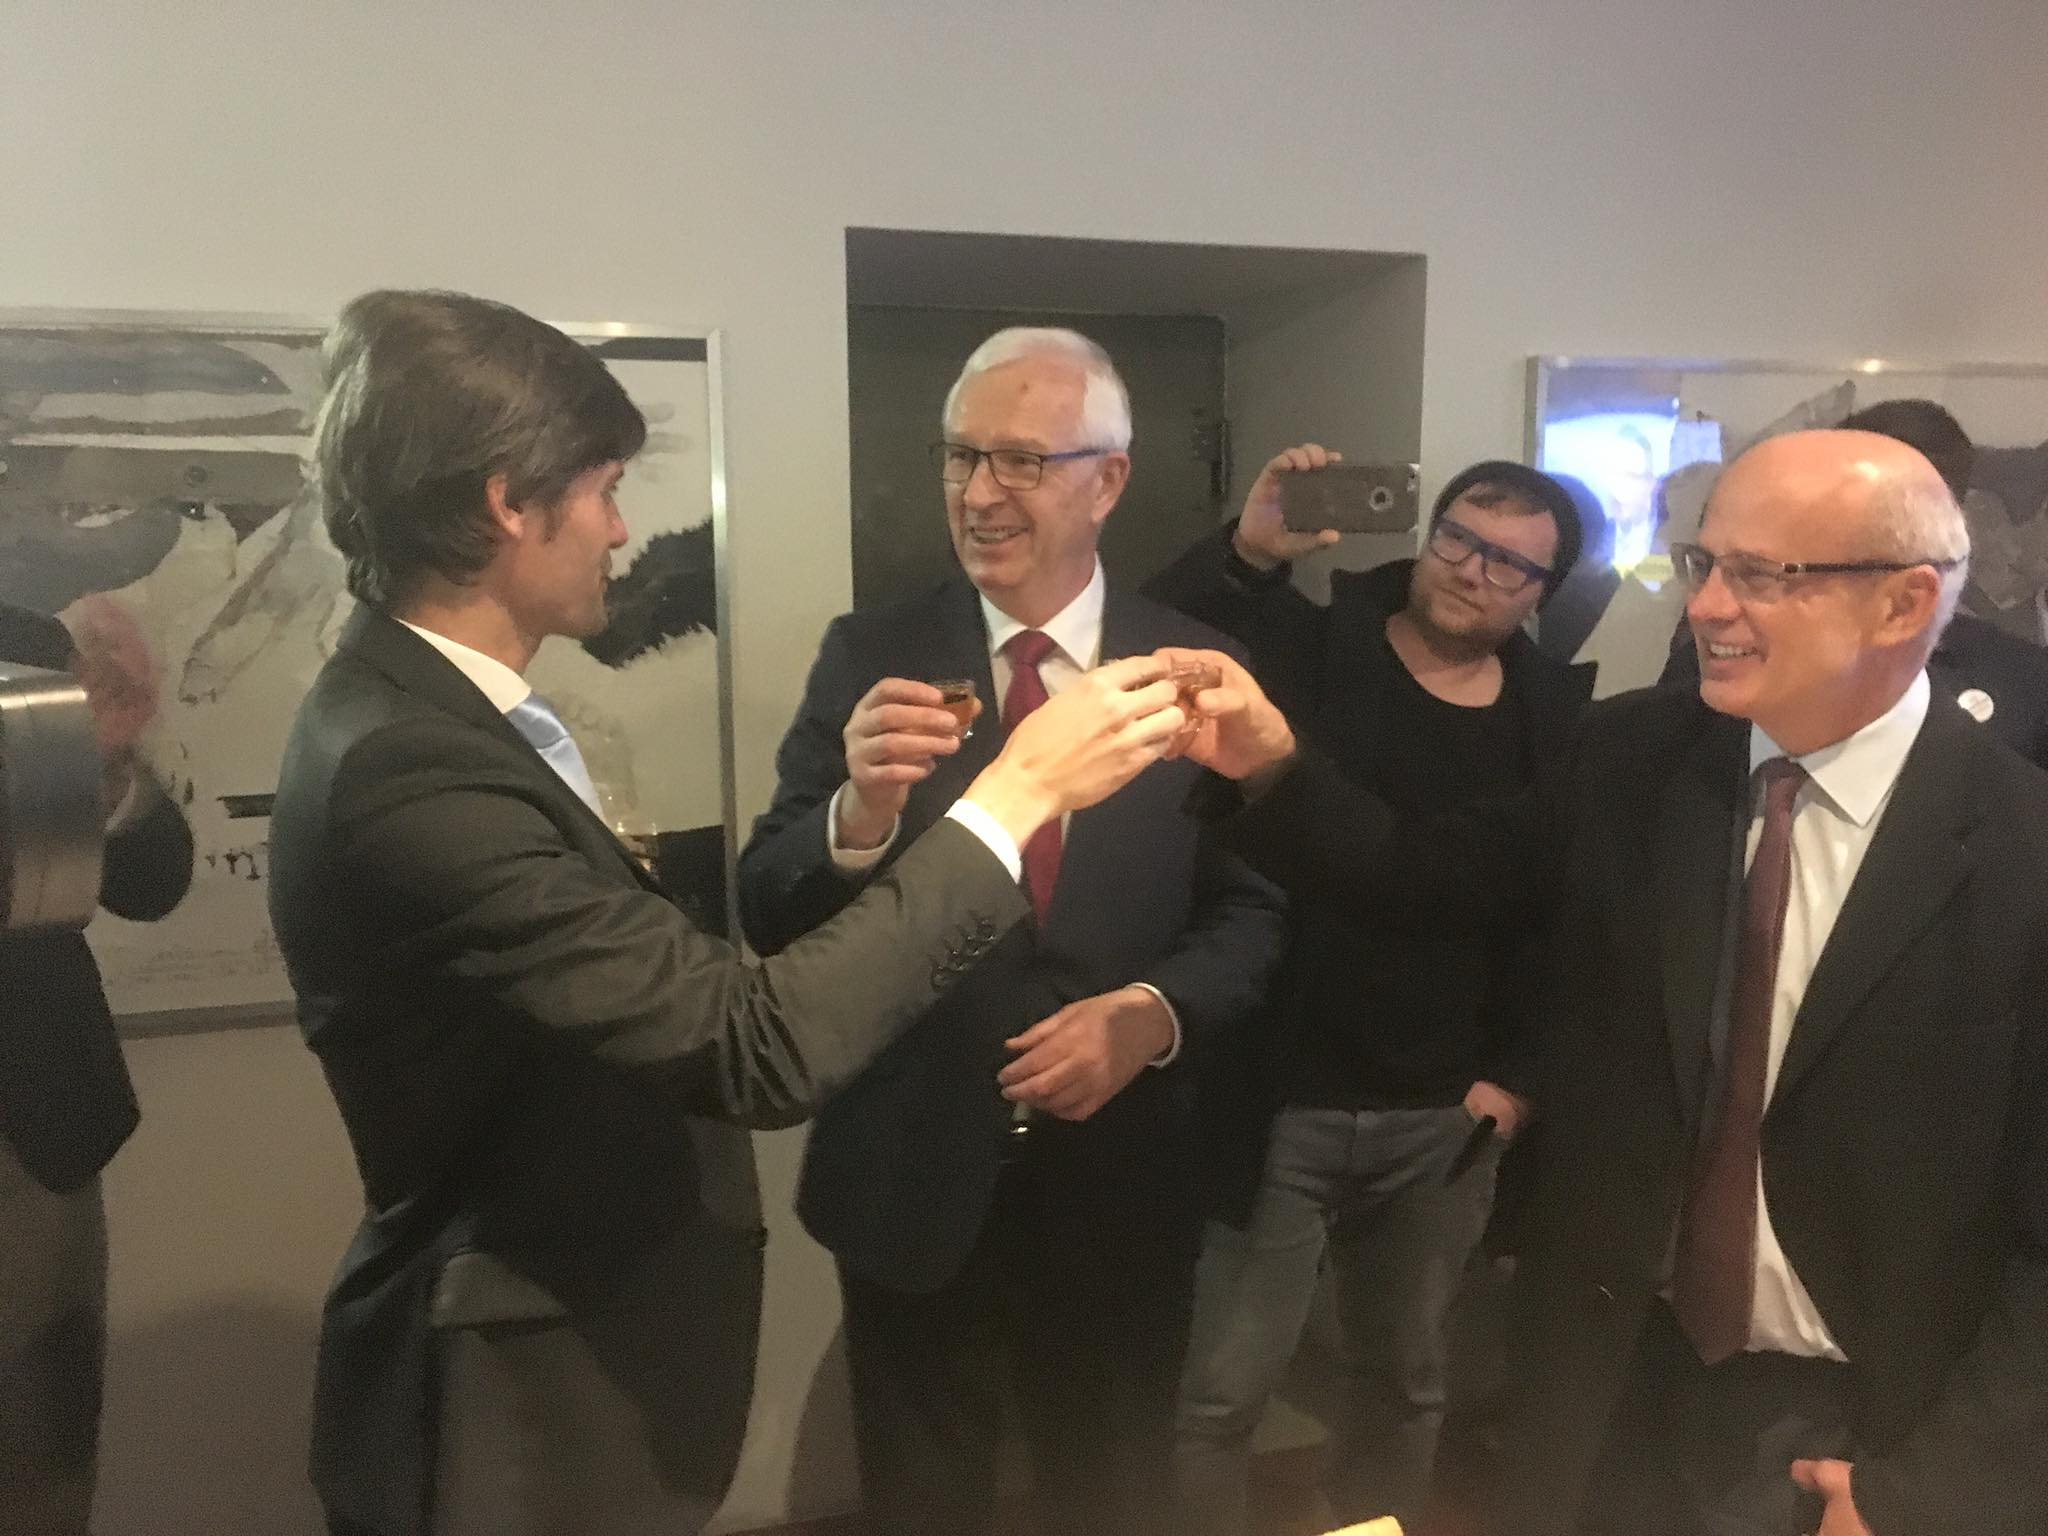 Pavel Fischer, Marek Hilšer i Michal Horáček podporují Drahoše